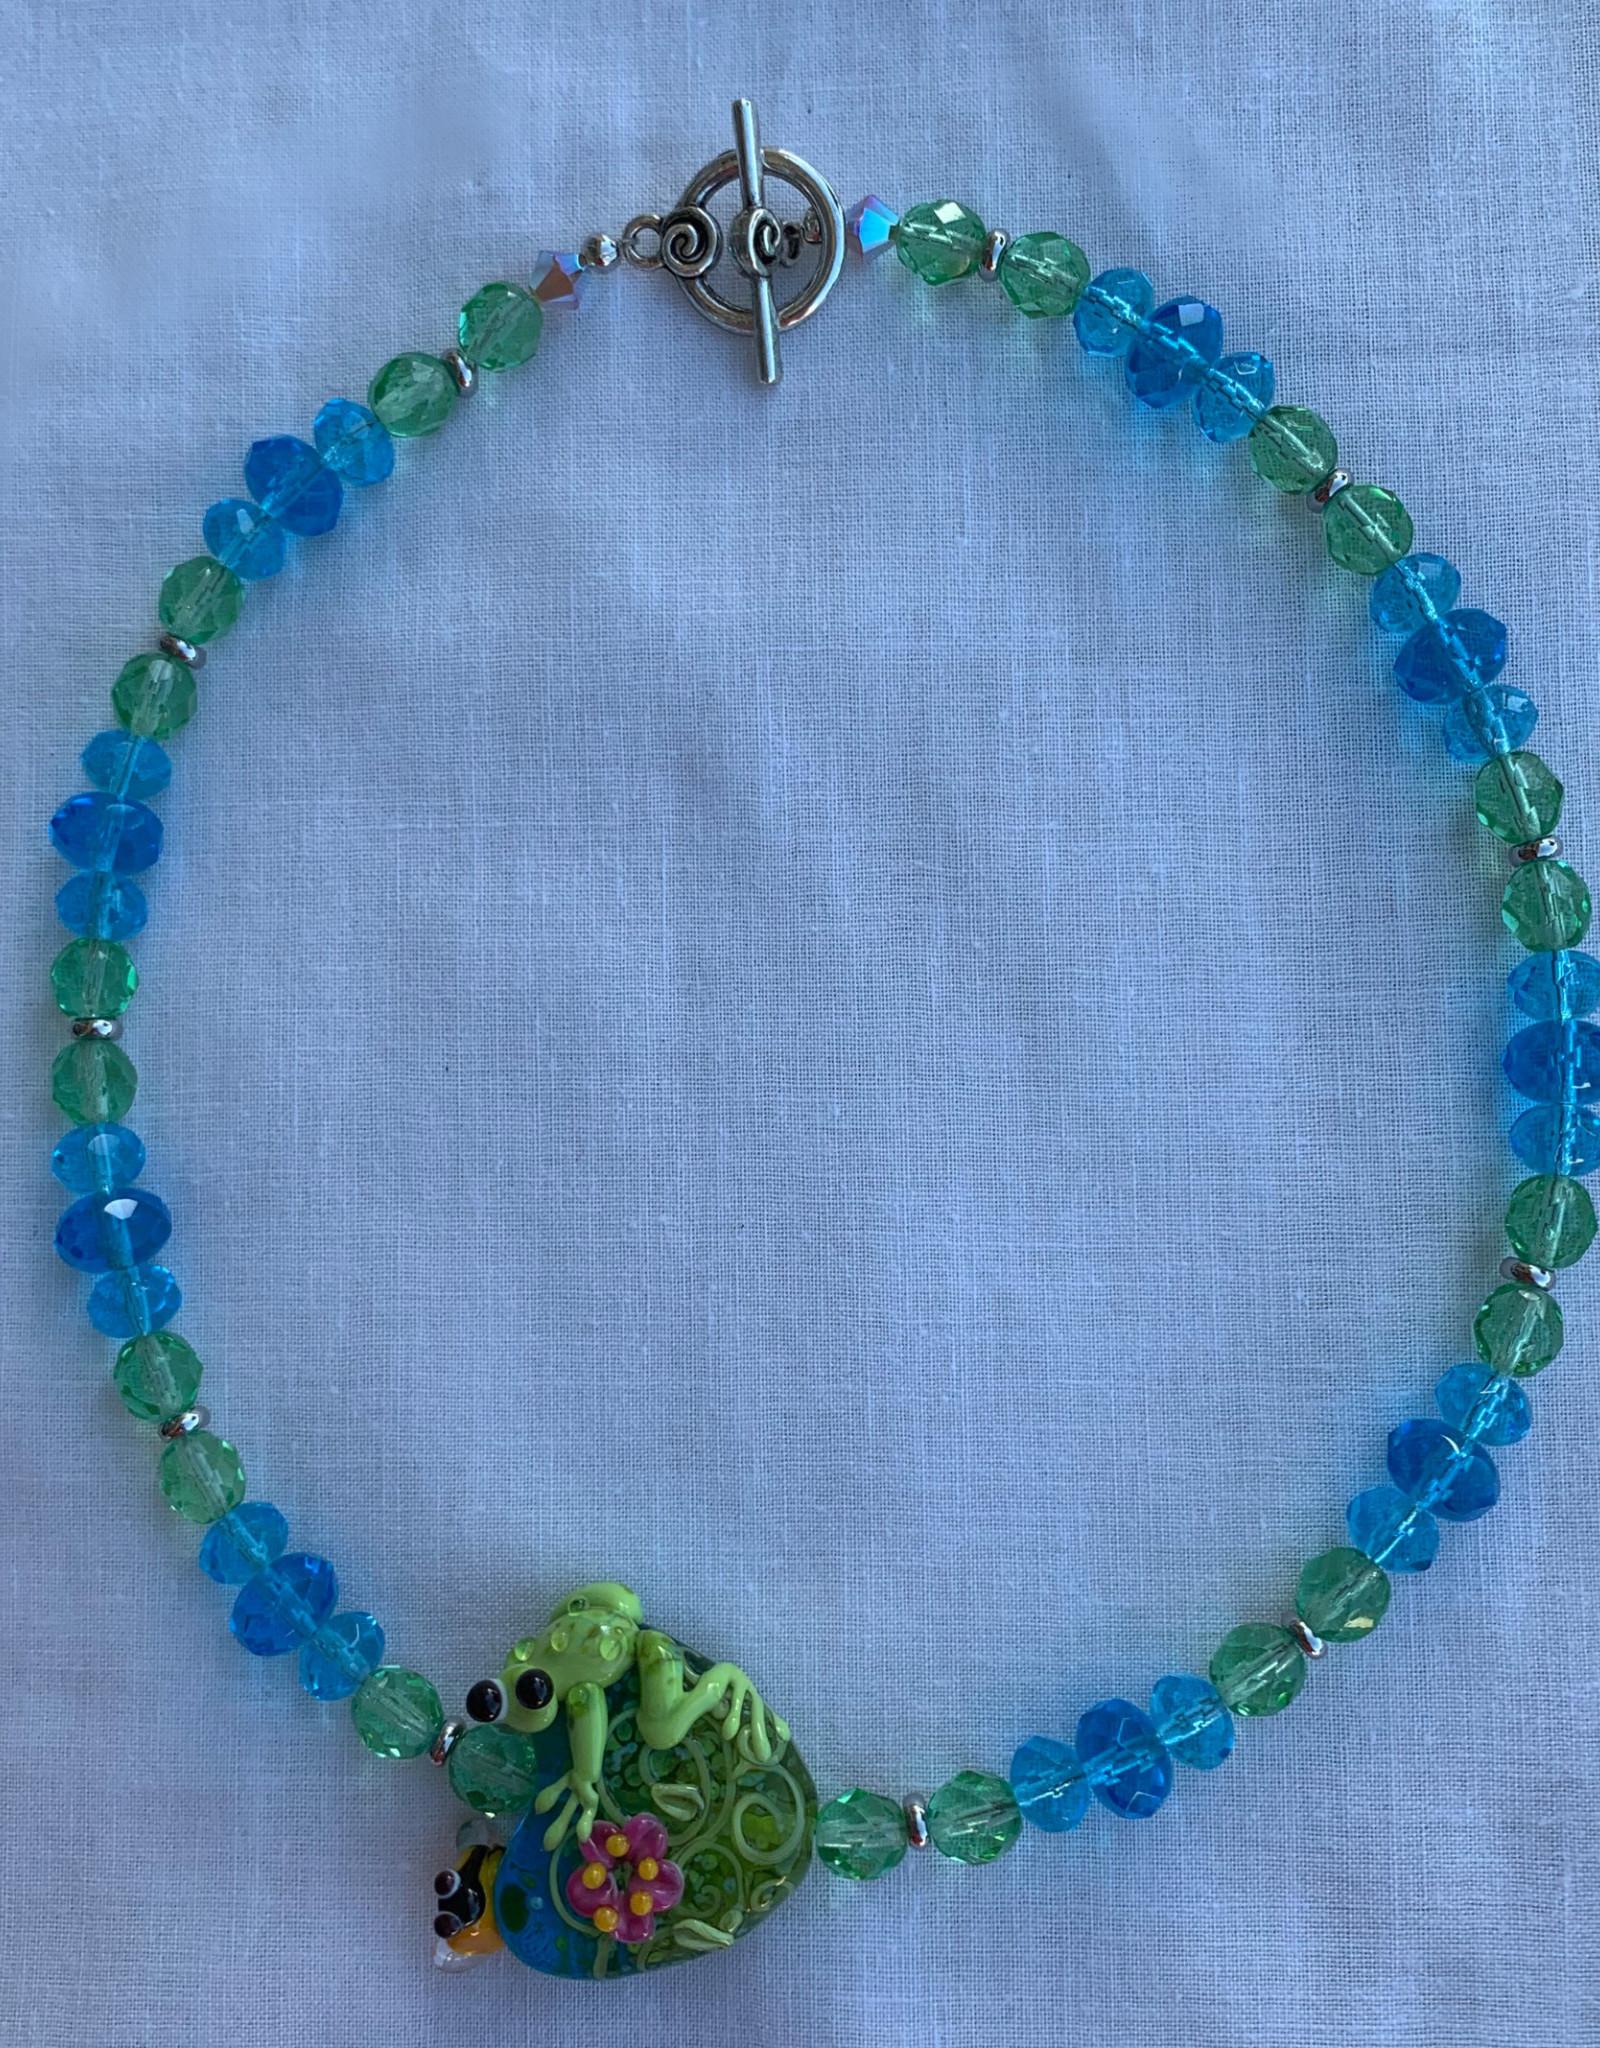 DE LA TERRE FROG BEAD CRYSTAL BLUE AND GREEN NECKLACE